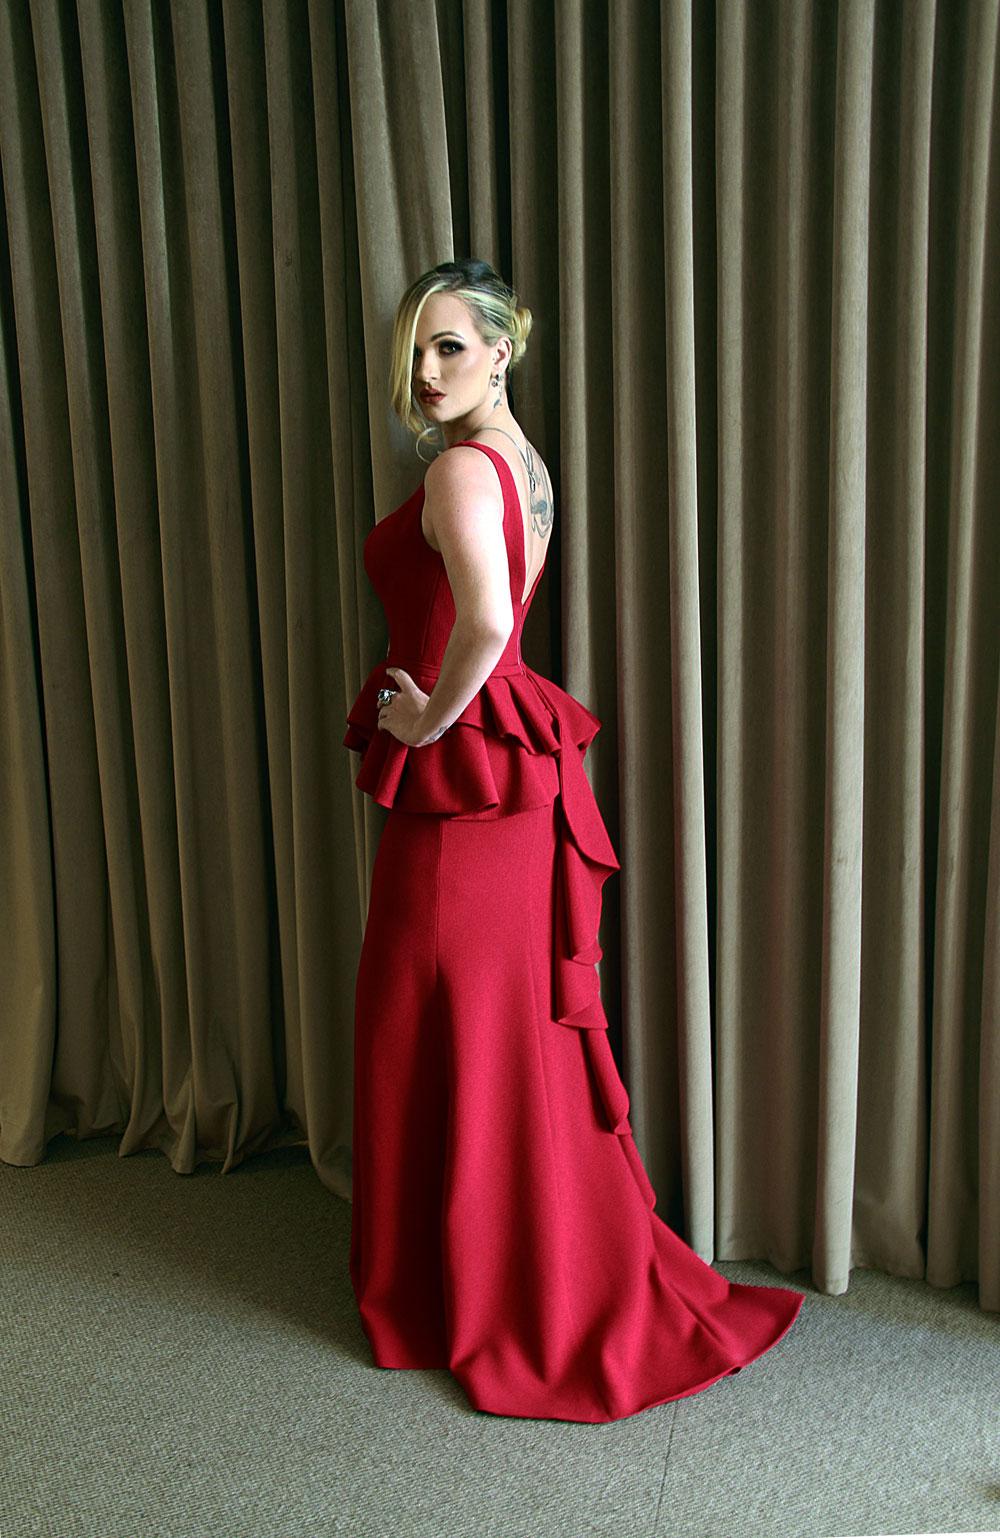 Esse vestido vermelho luxuoso paixão é de @sandrobarros, acessórios de @claudiaarbex para @ivanamenezesstore. Modelo Kandice Veiga Jardim (Foto: Marcos Zapp)